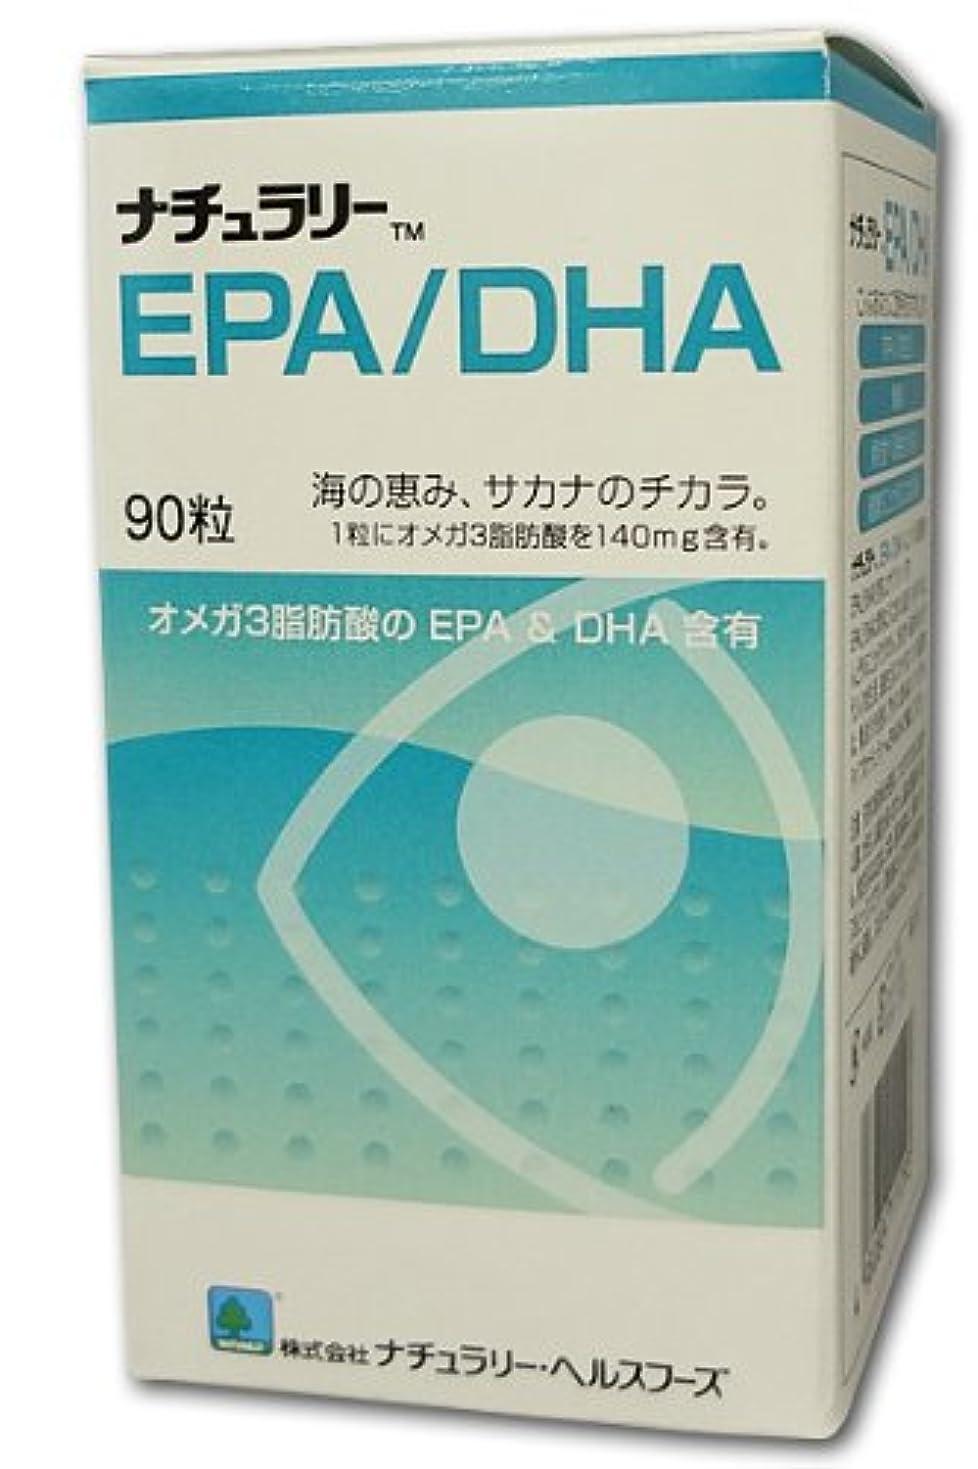 比較的アイドル手術ナチュラリー EPA/DHA 90粒